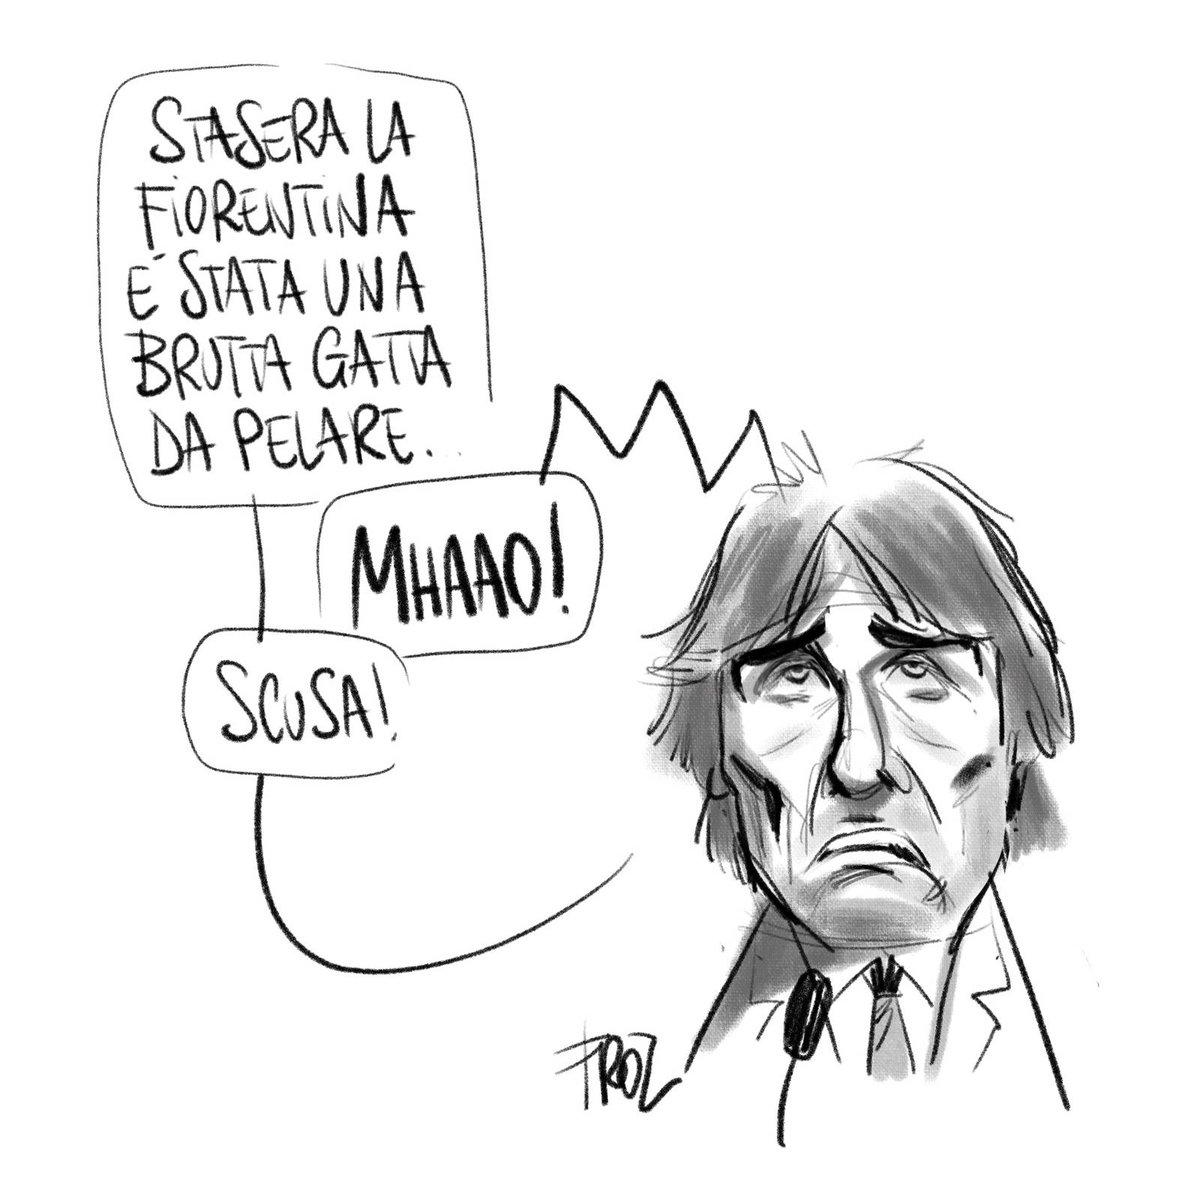 #InterFiorentina